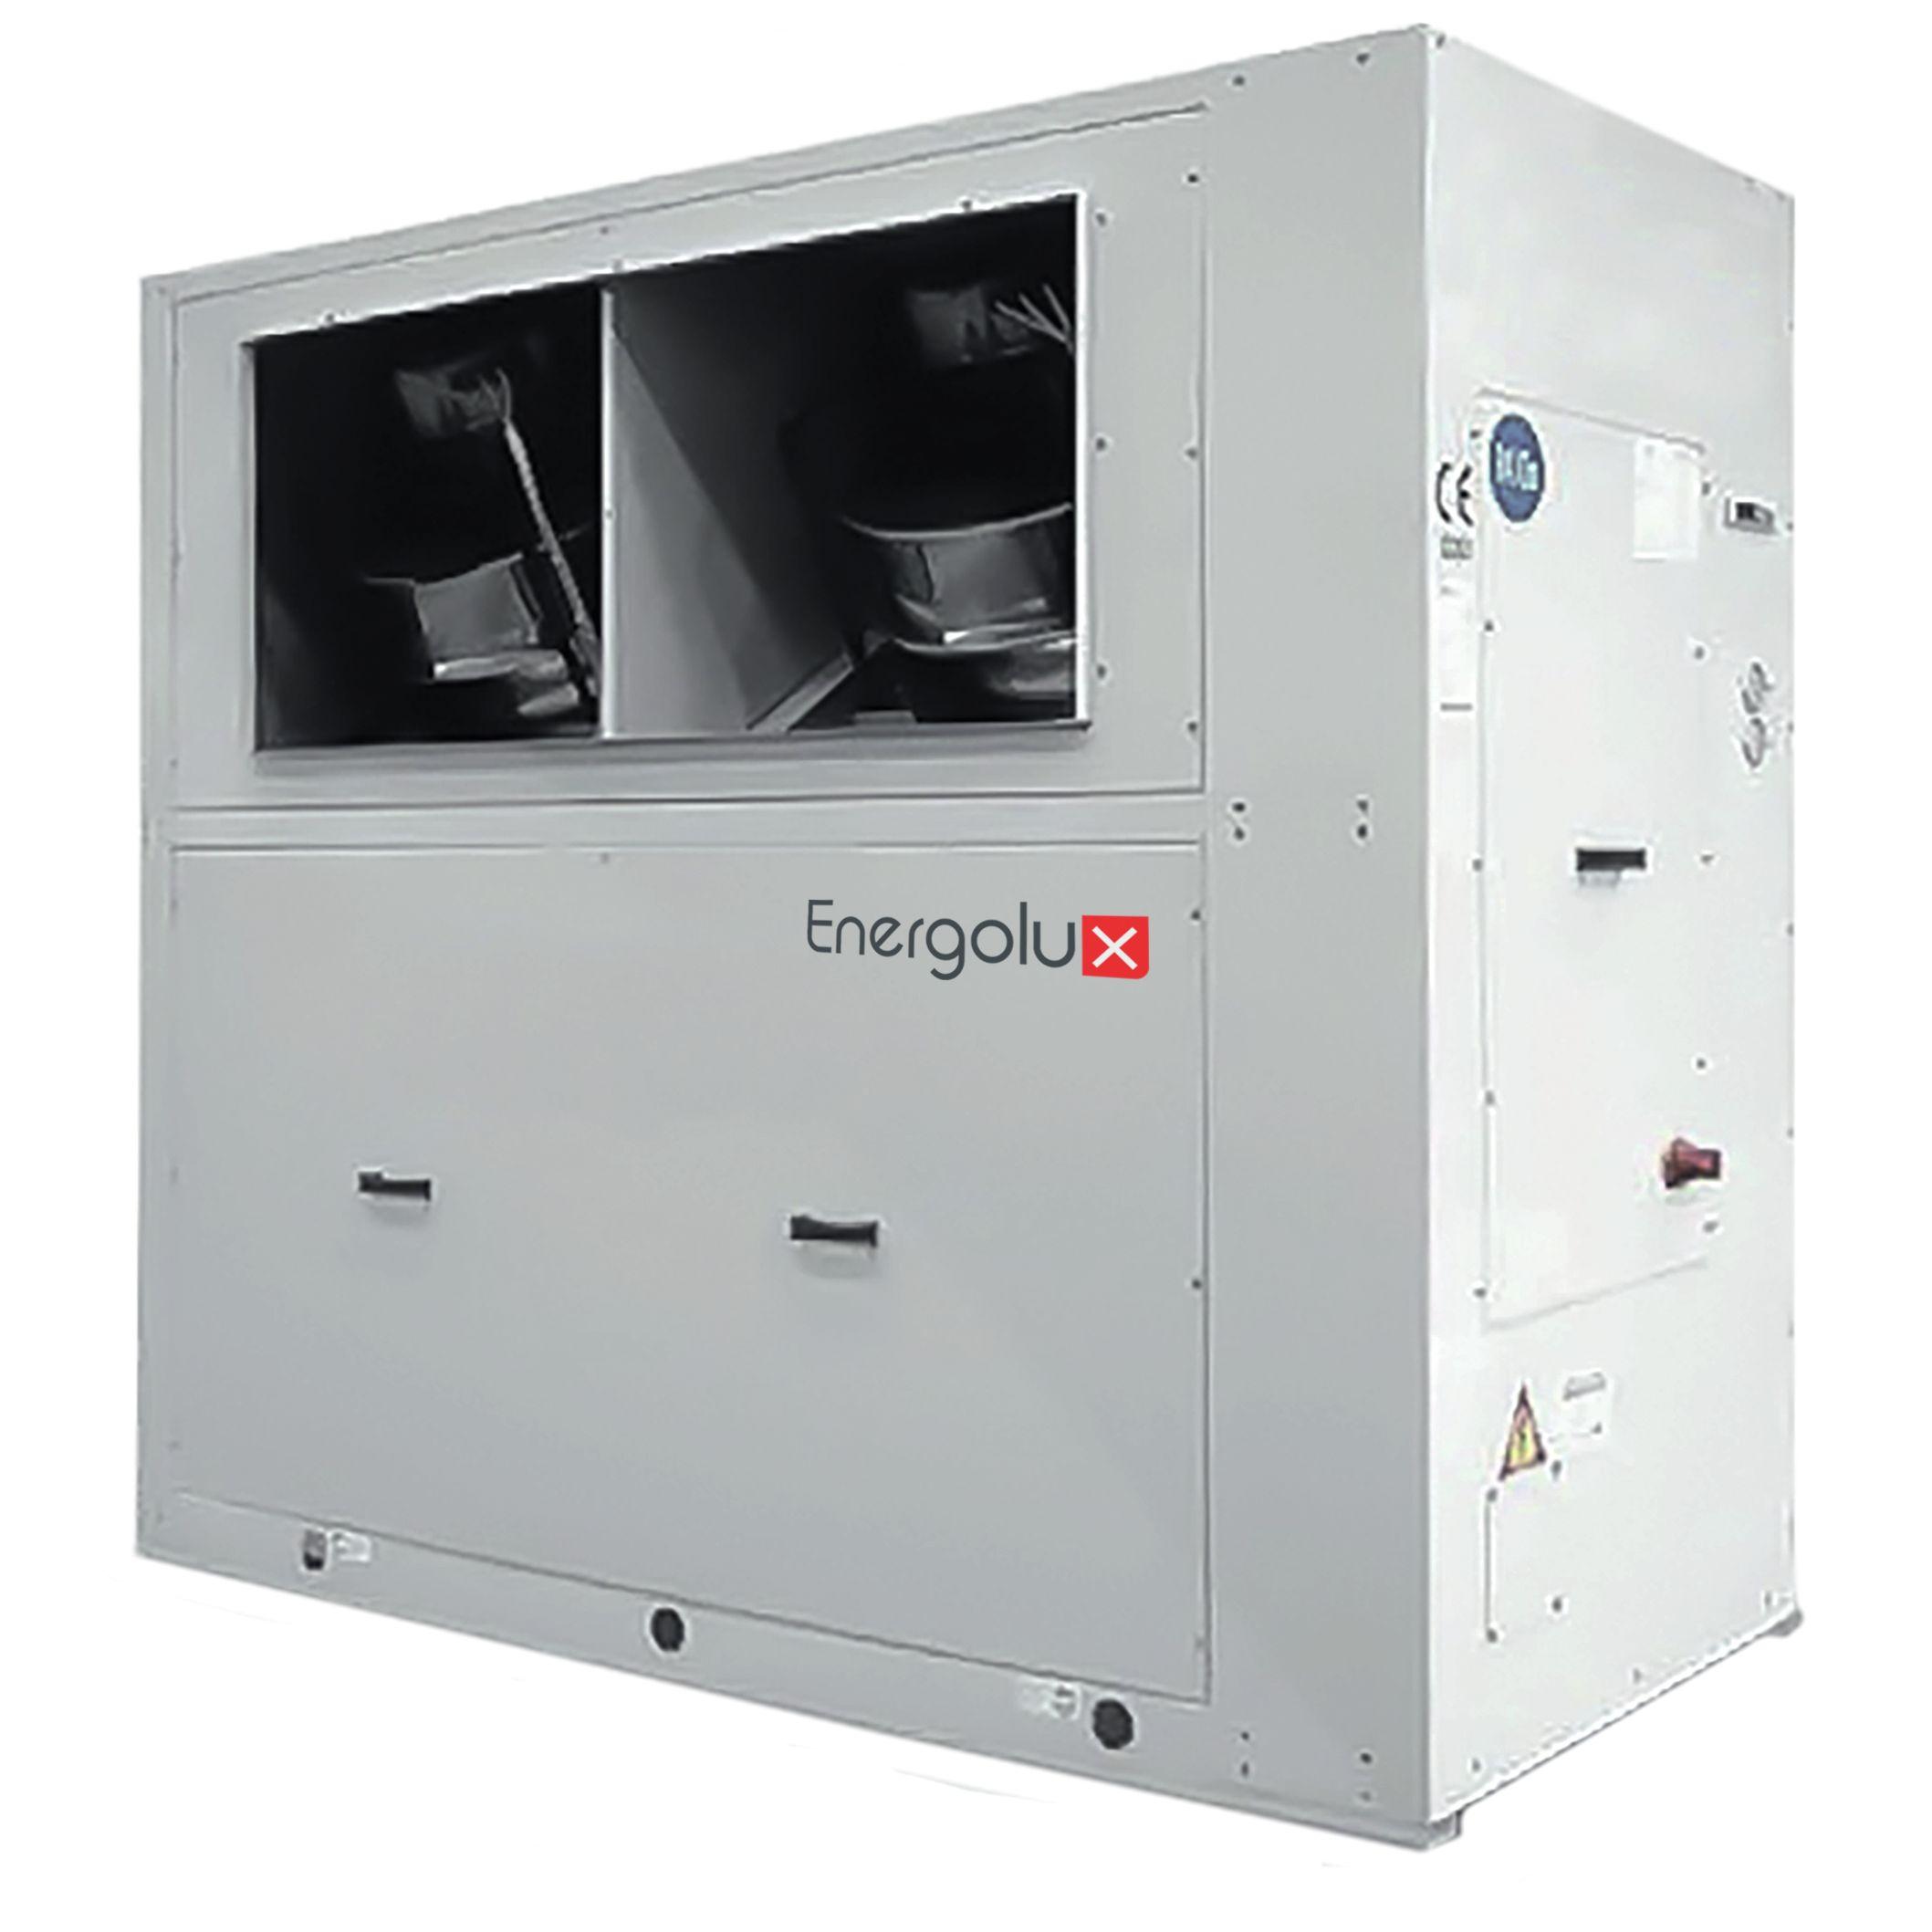 Energolux SCAW-I-T 160 Z